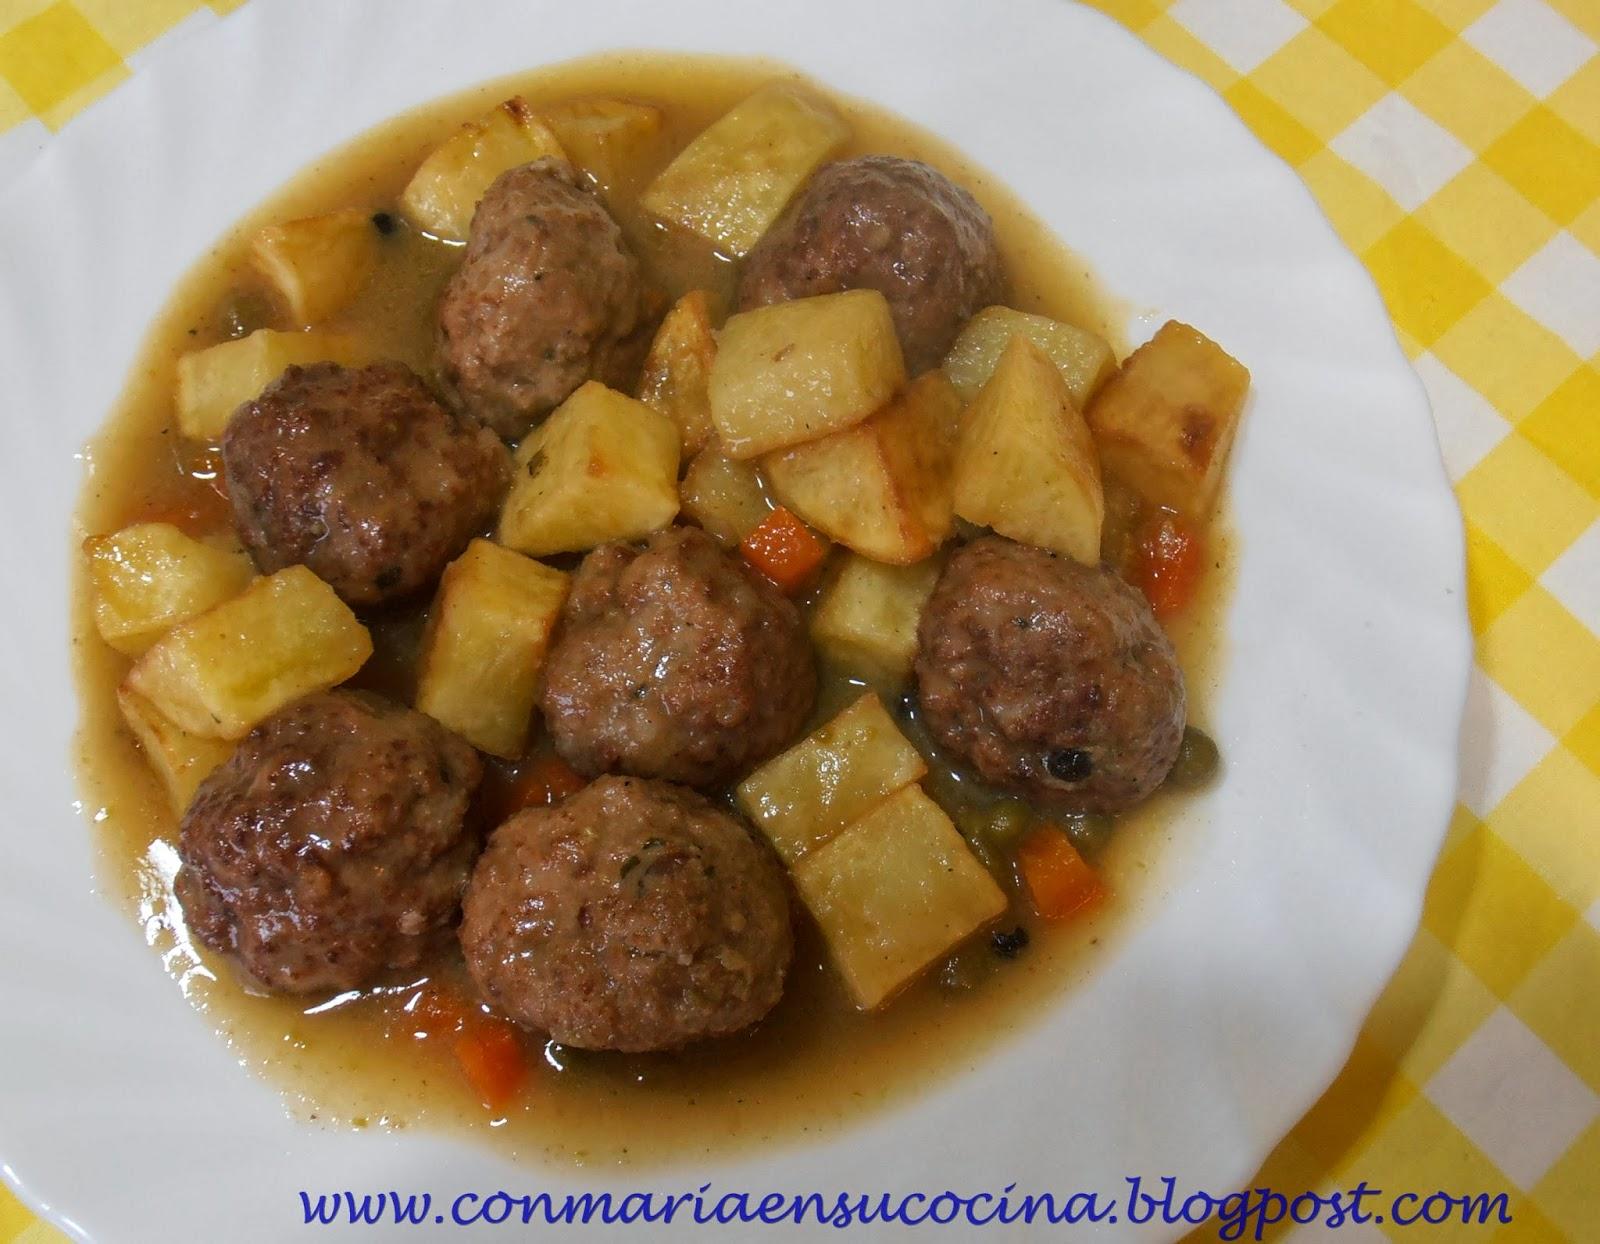 Con mar a en su cocina alb ndigas en salsa casera - Albondigas de patata ...